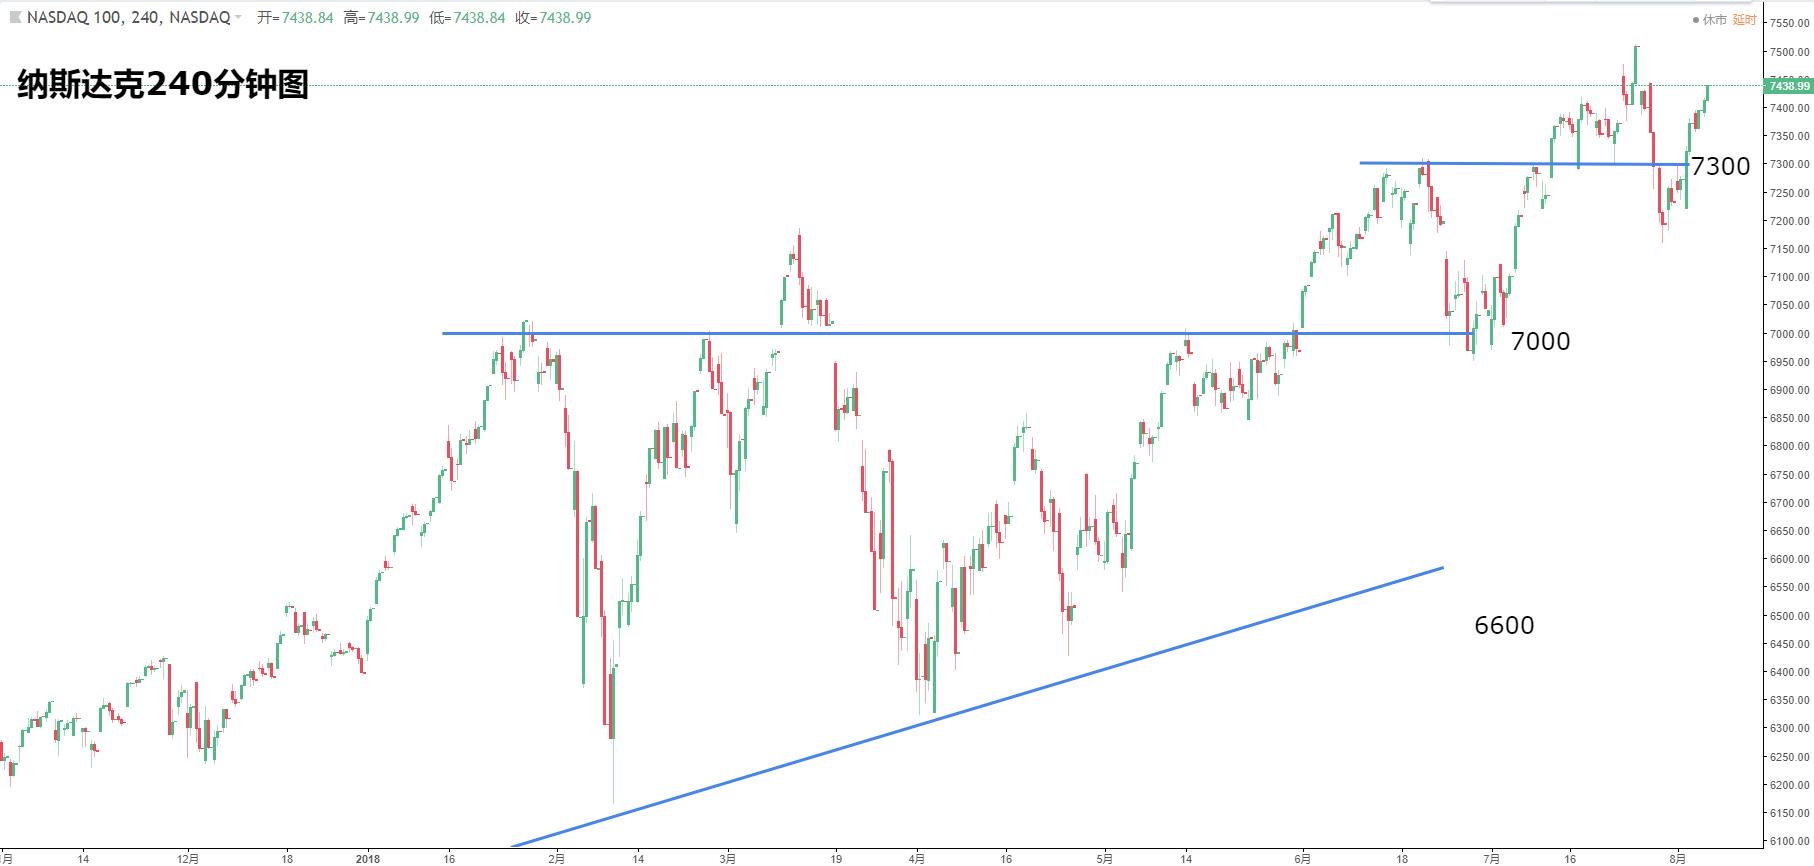 美国股指:道指、纳指、标普500最新走势分析(8月7日)